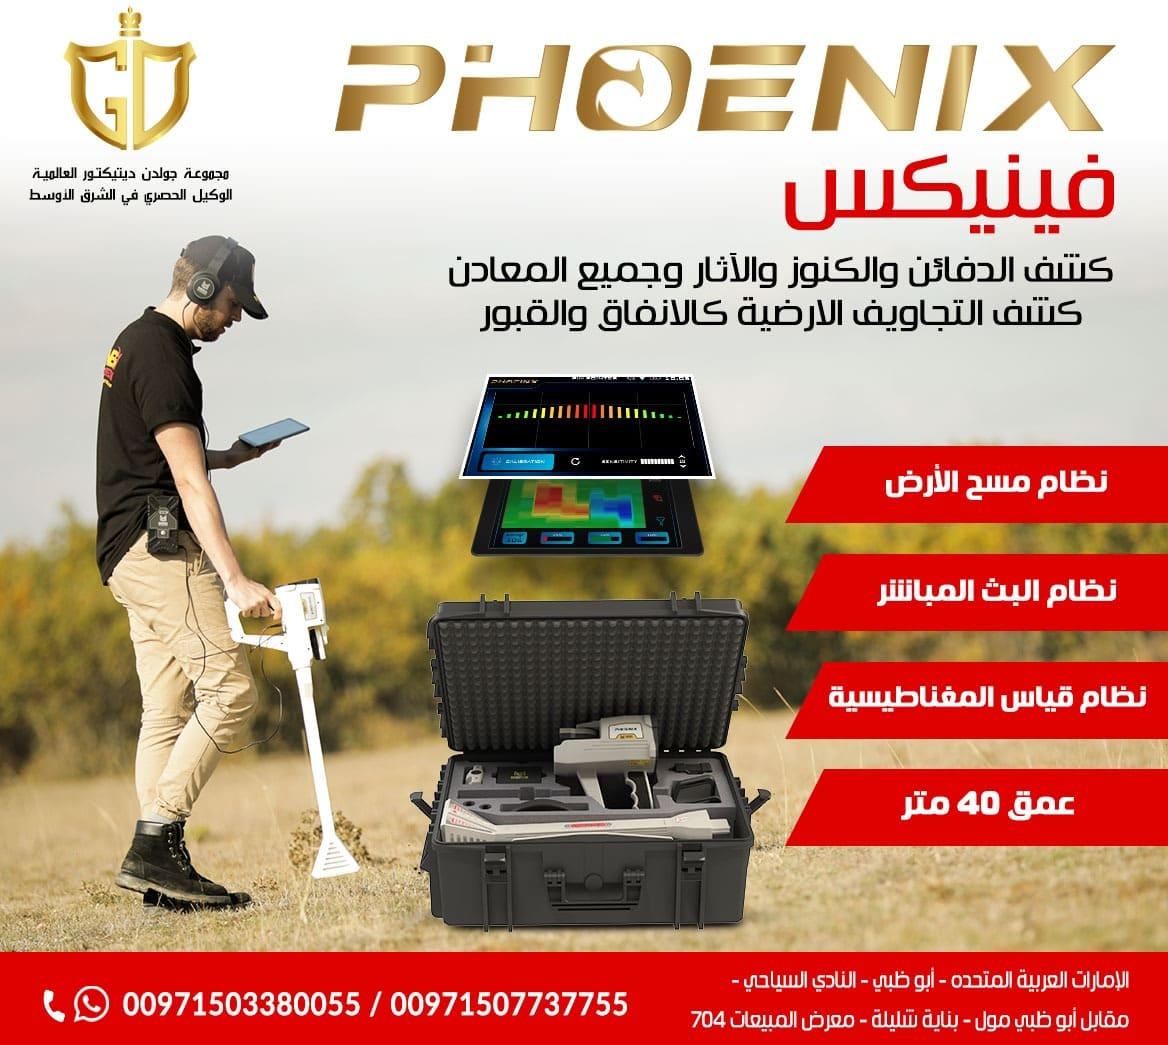 فينيكس Phoenix | جهاز كشف الذهب والمعادن 2021 P_1893qerdb2